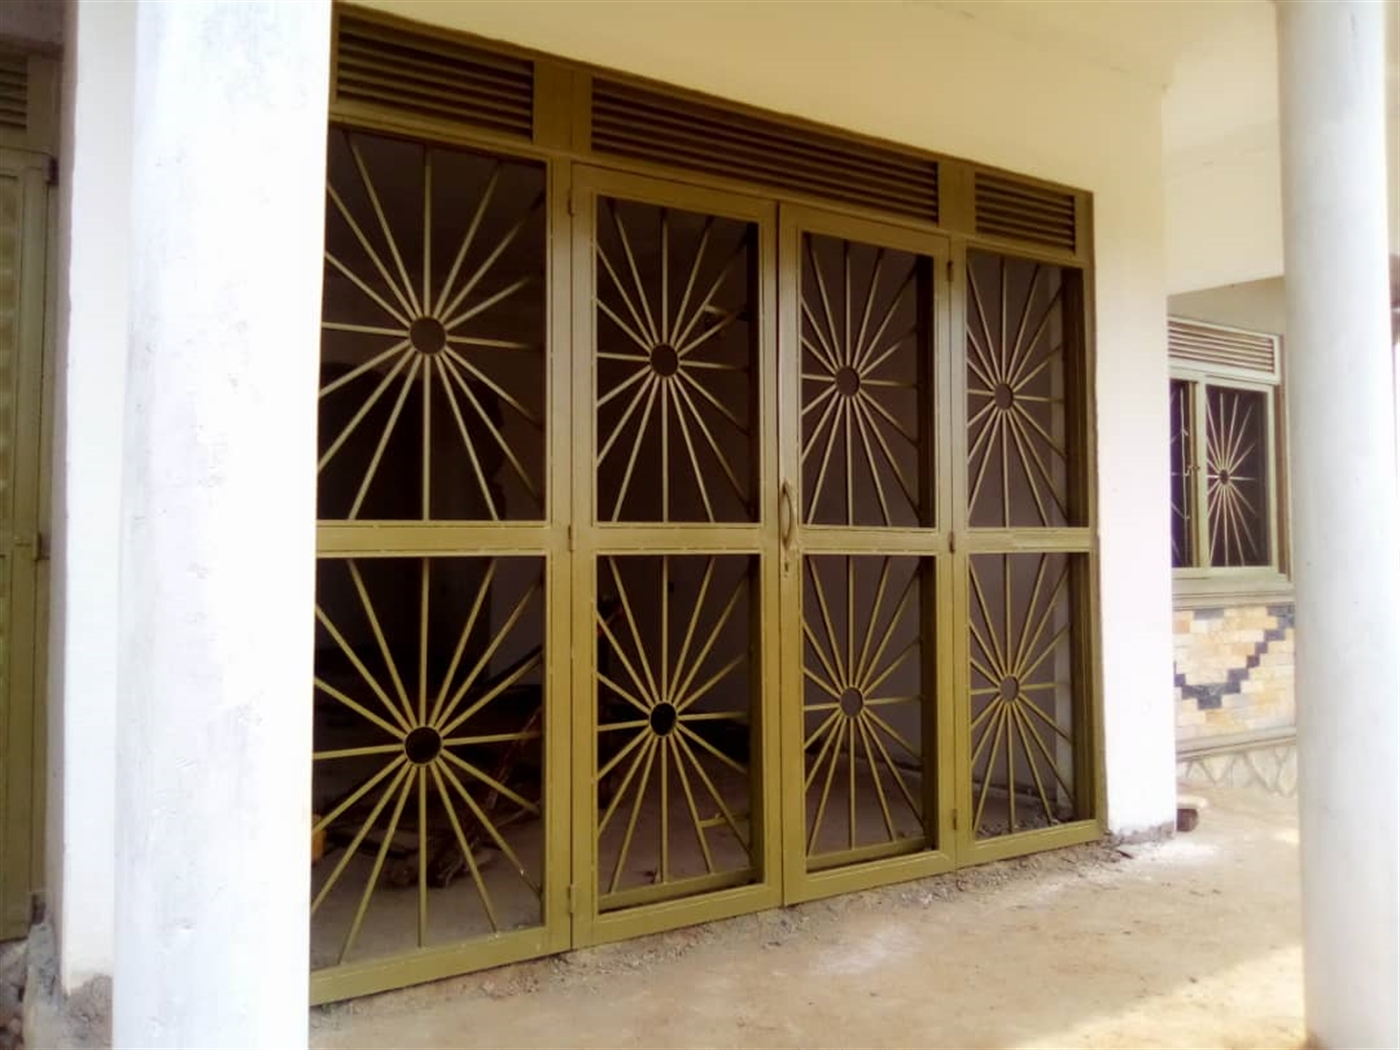 Porch (Entrance)